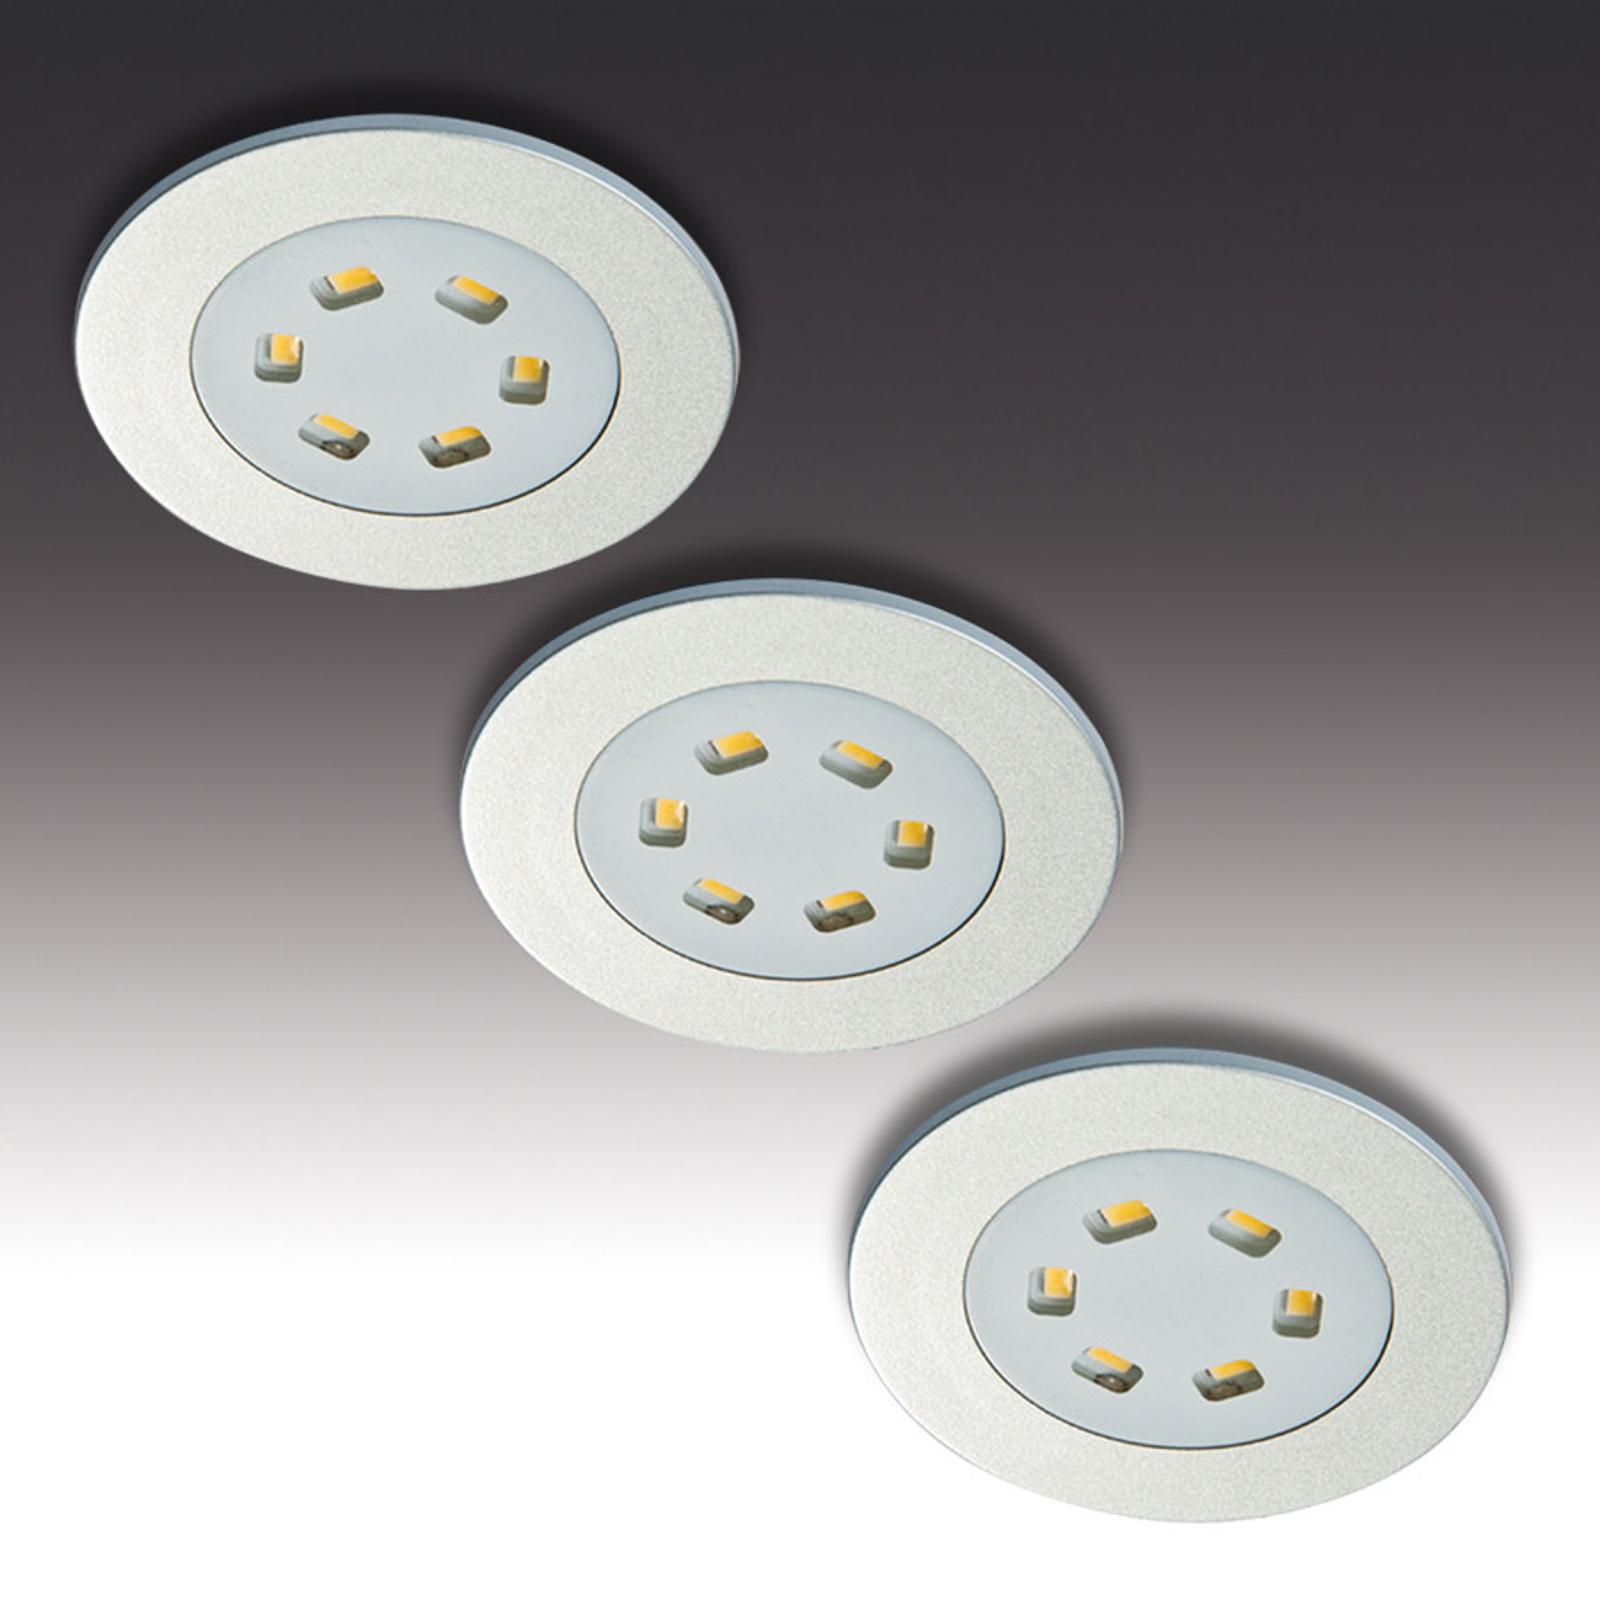 Indbyggelig-LED-lampe i sæt med 3 stk. R 55